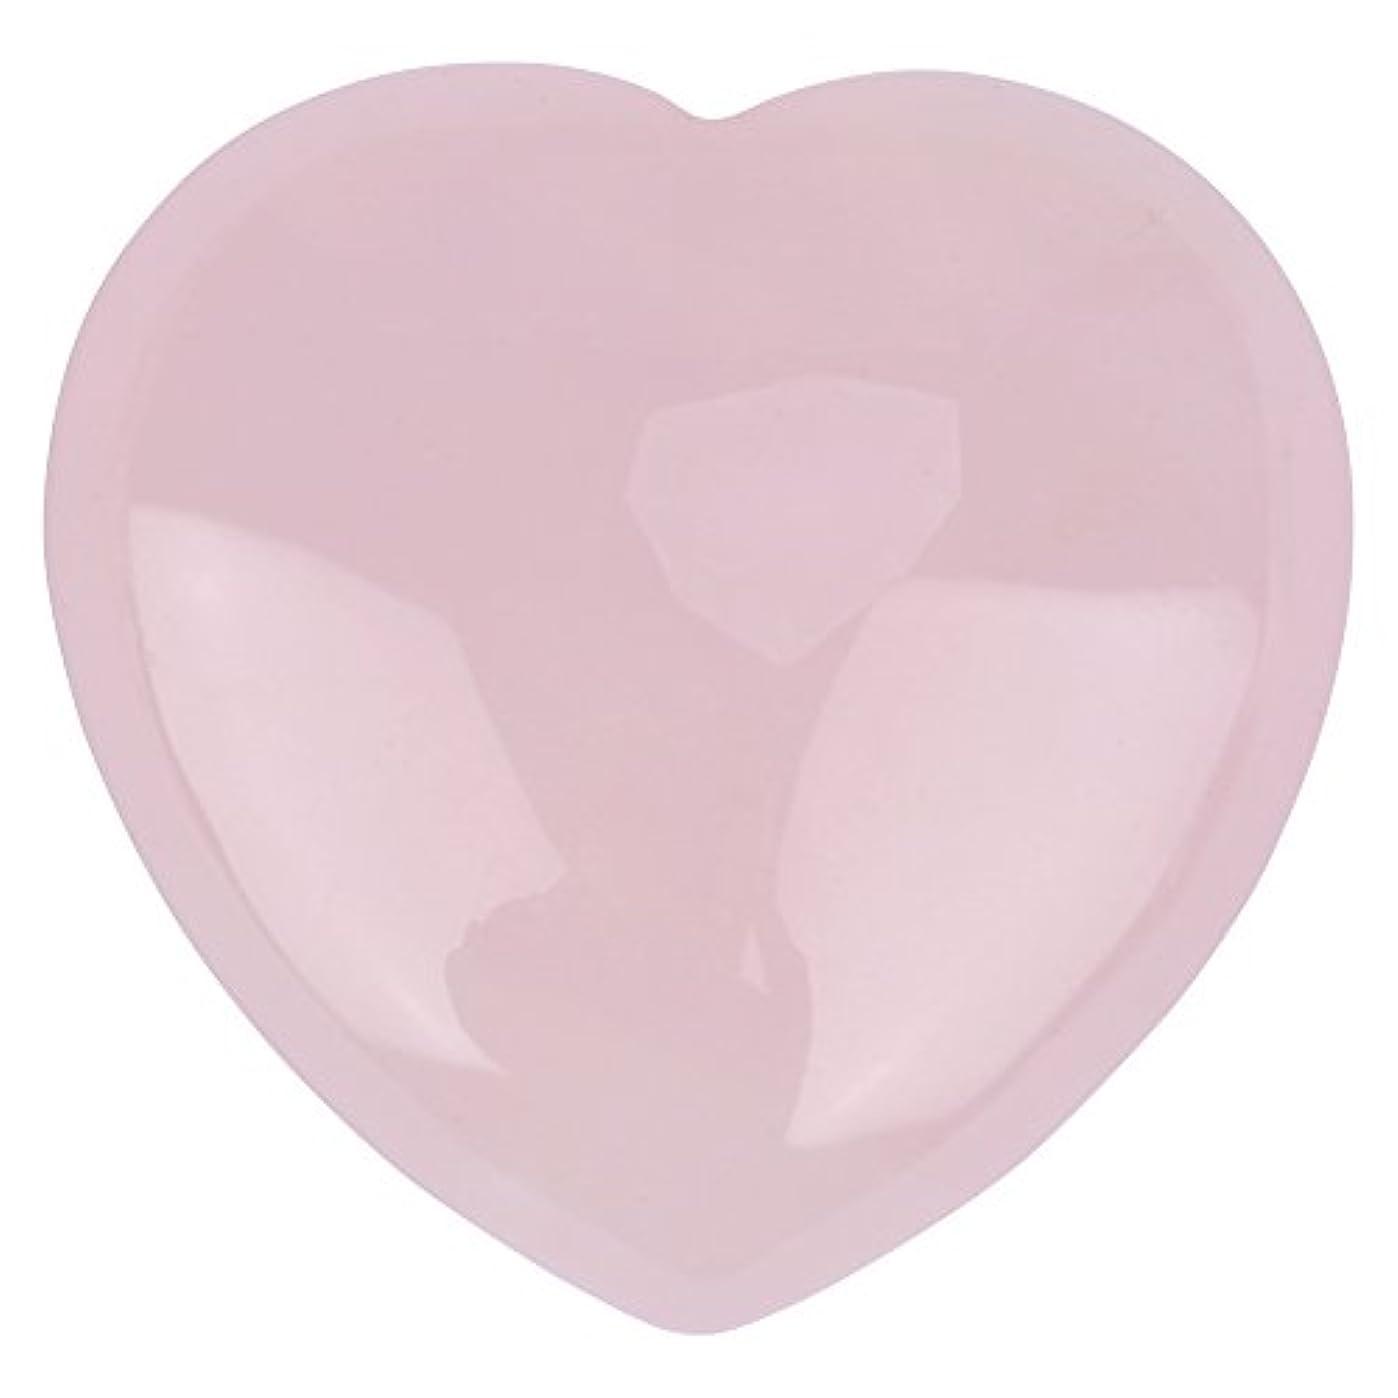 ドメイン球状ラダ天然ハートシェイプローズクォーツストーン、装飾ピンククリスタルヒーリングストーン宝石ホームデコレーション